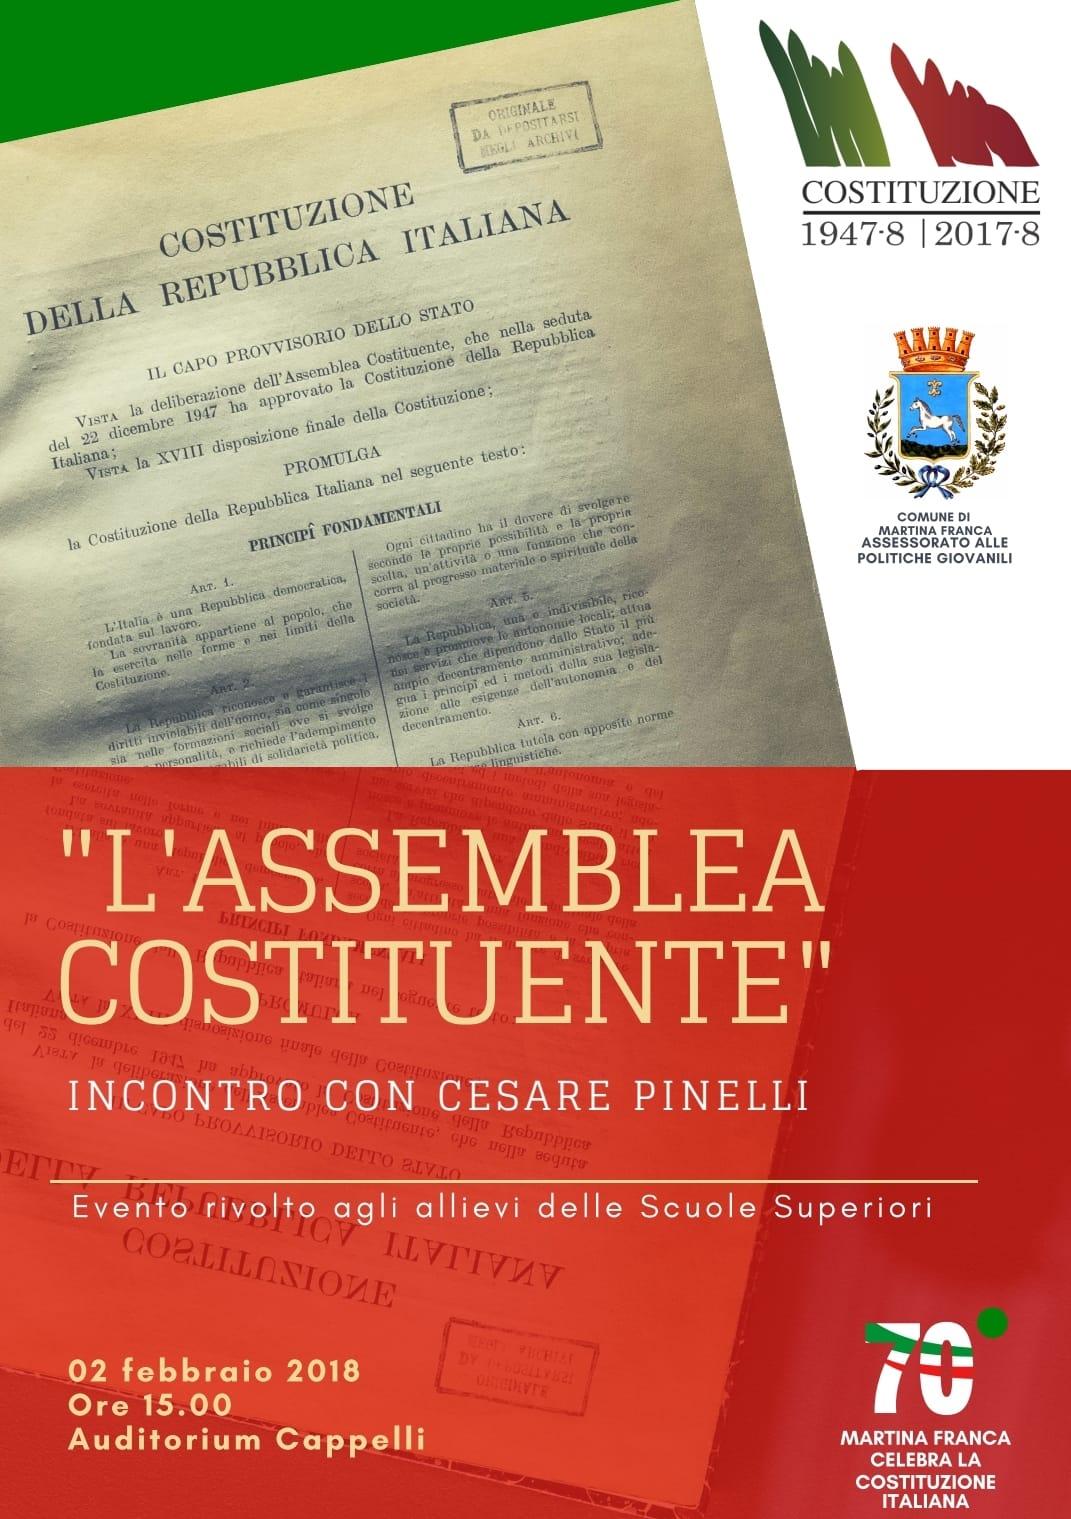 locandina assemblea costituente